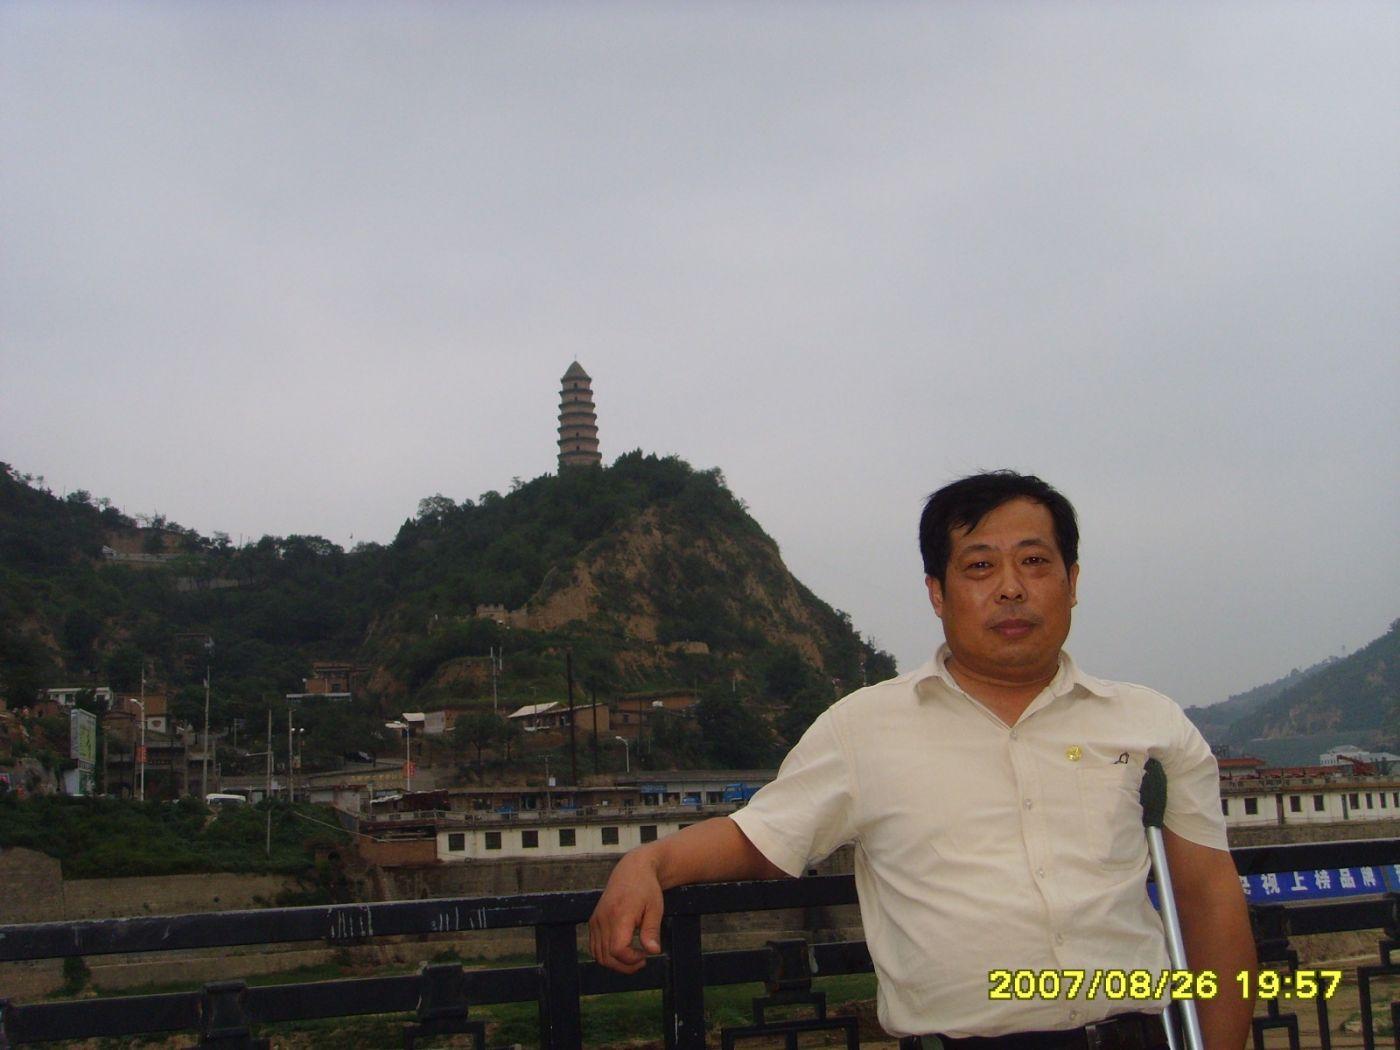 在陕西的记忆_图1-21